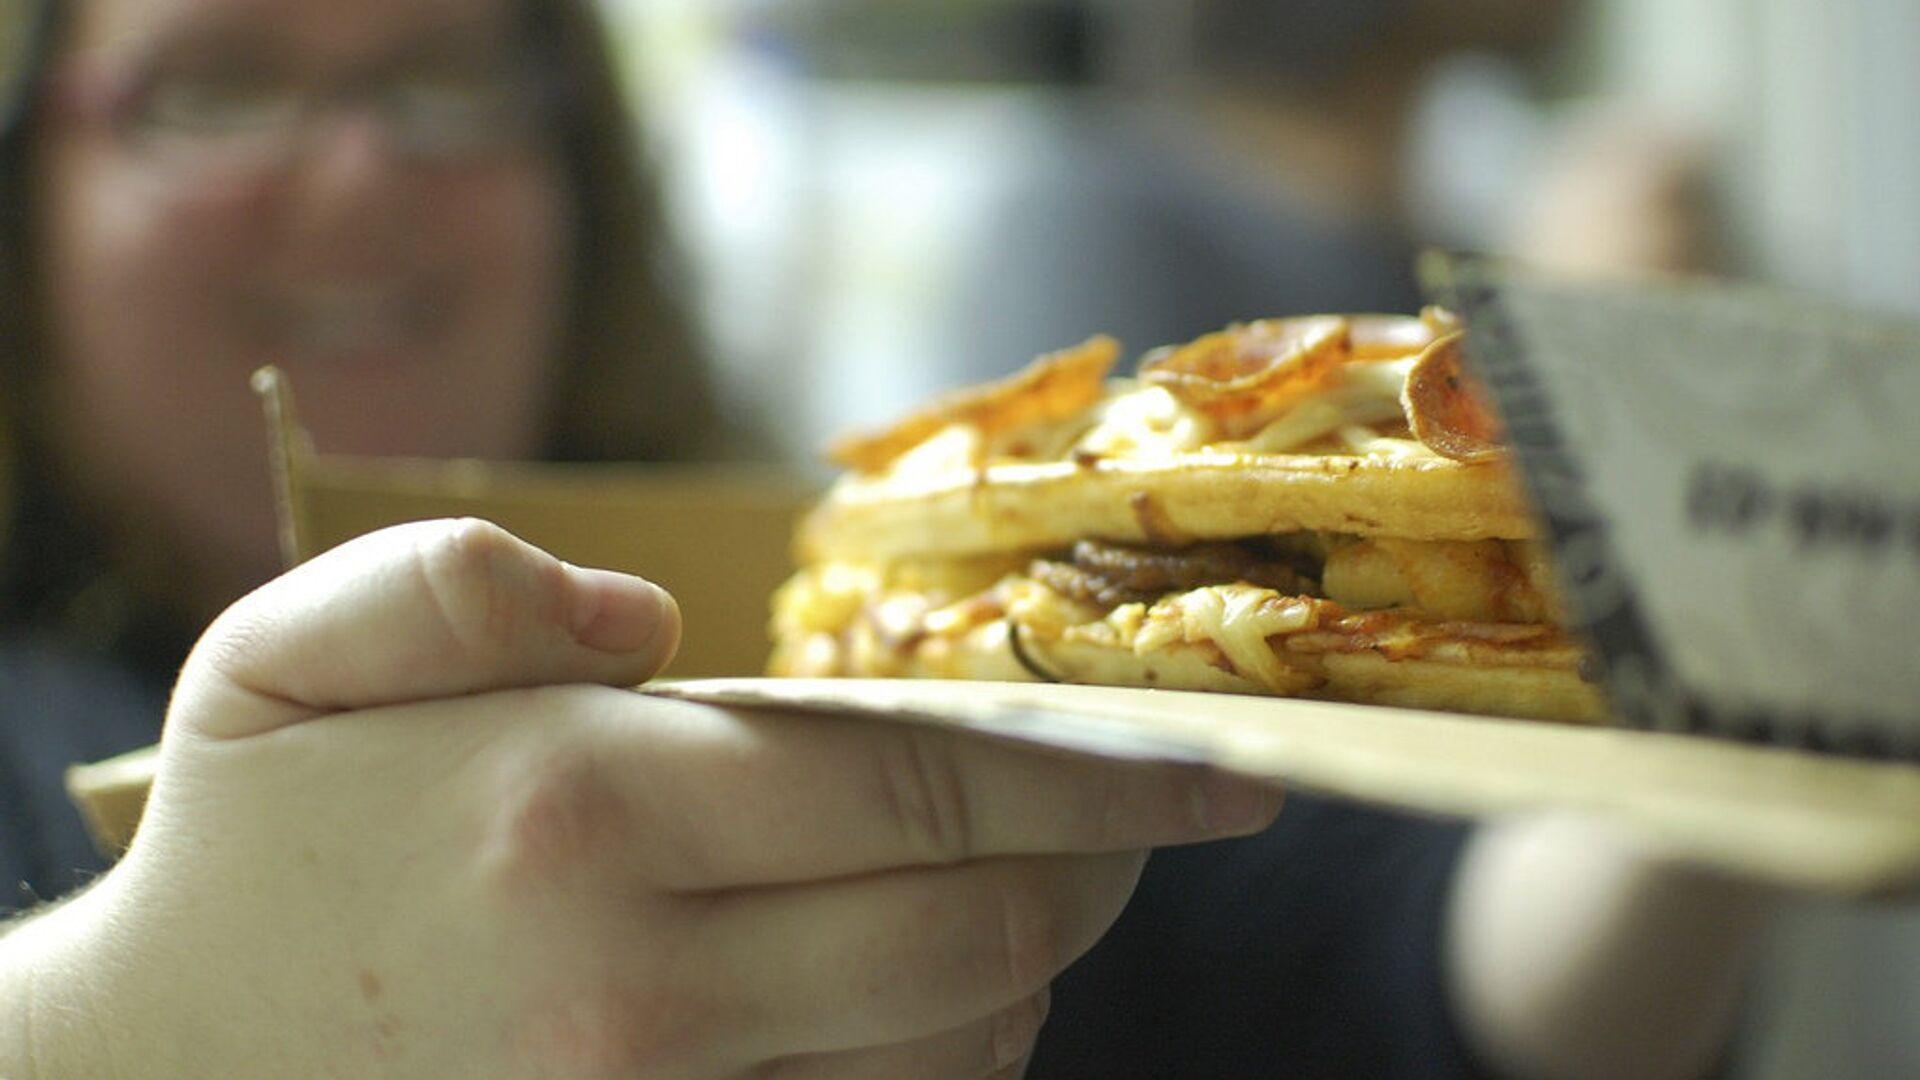 Люди, страдающие перееданием, часто страдают ожирением - РИА Новости, 1920, 08.10.2020